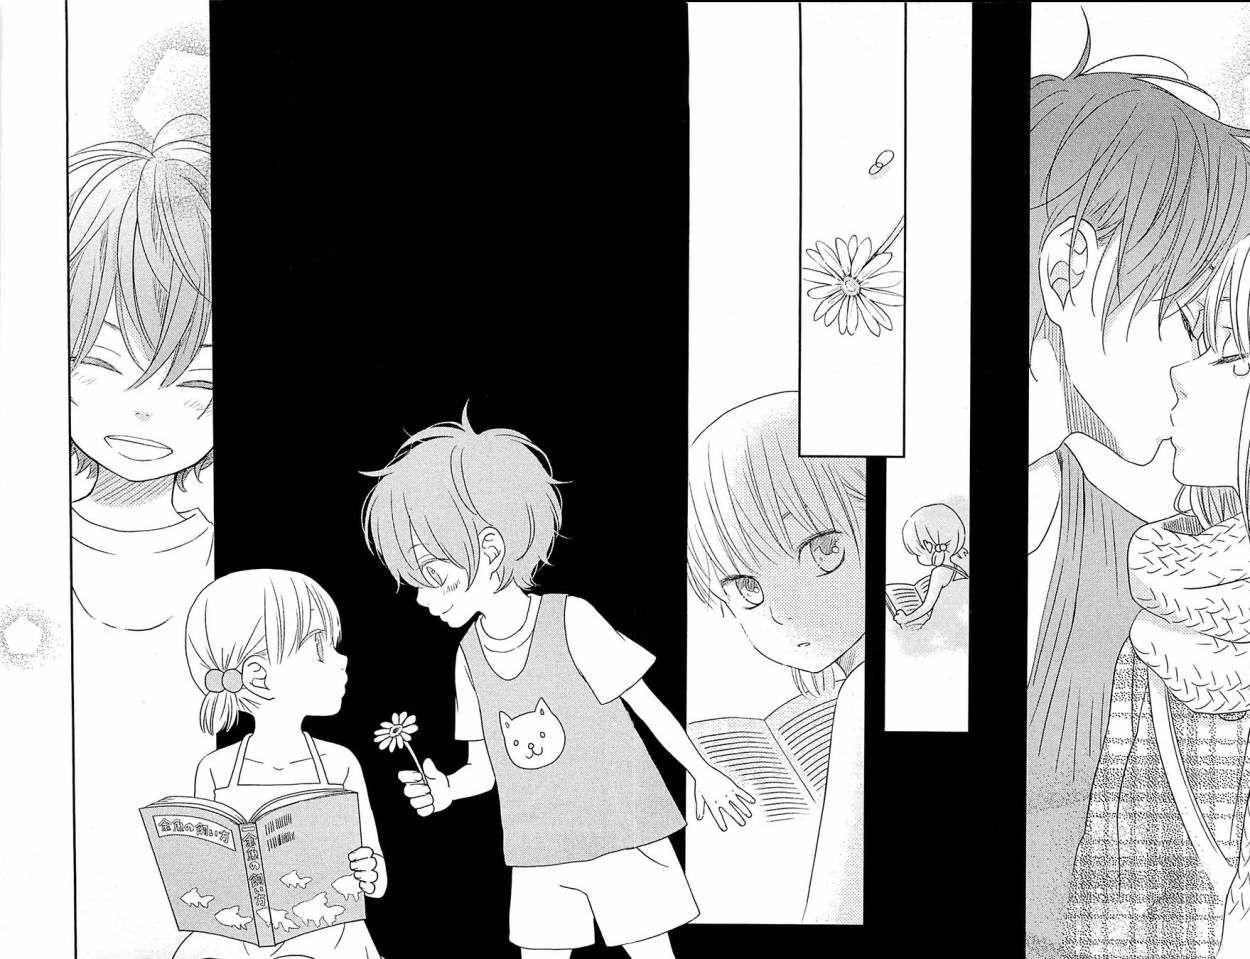 Tonari no Kaibutsu-kun manga capitulos 45 en Español Página 21